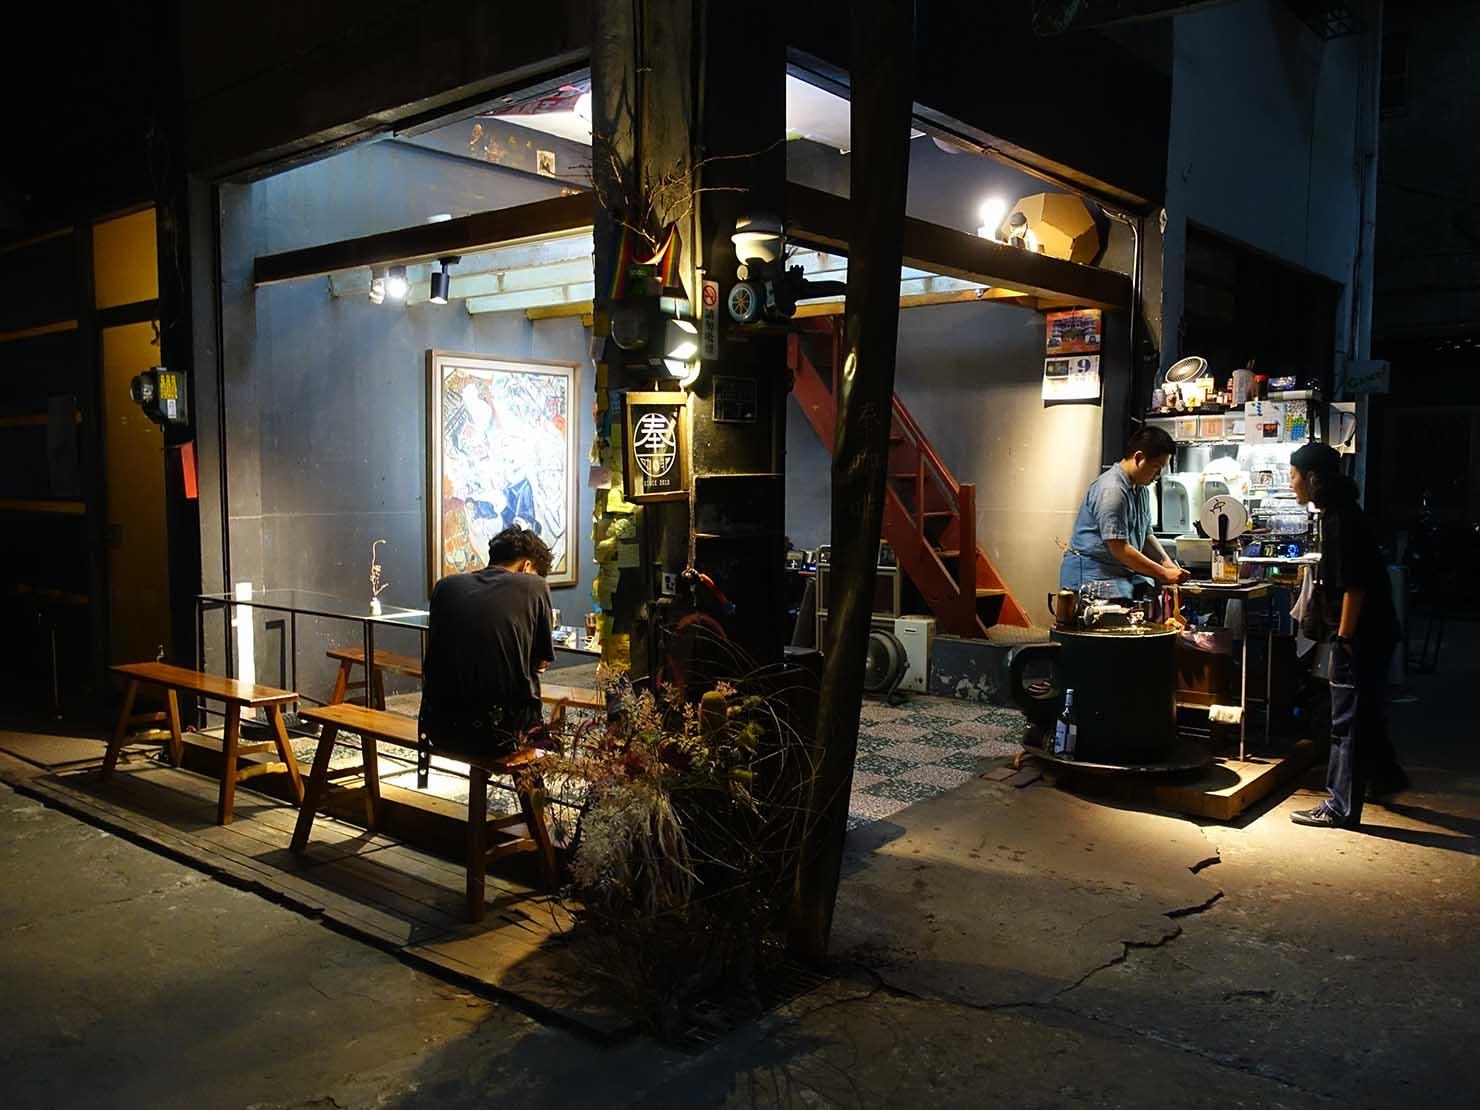 台中観光のおすすめスポット「忠信市場」のカフェ